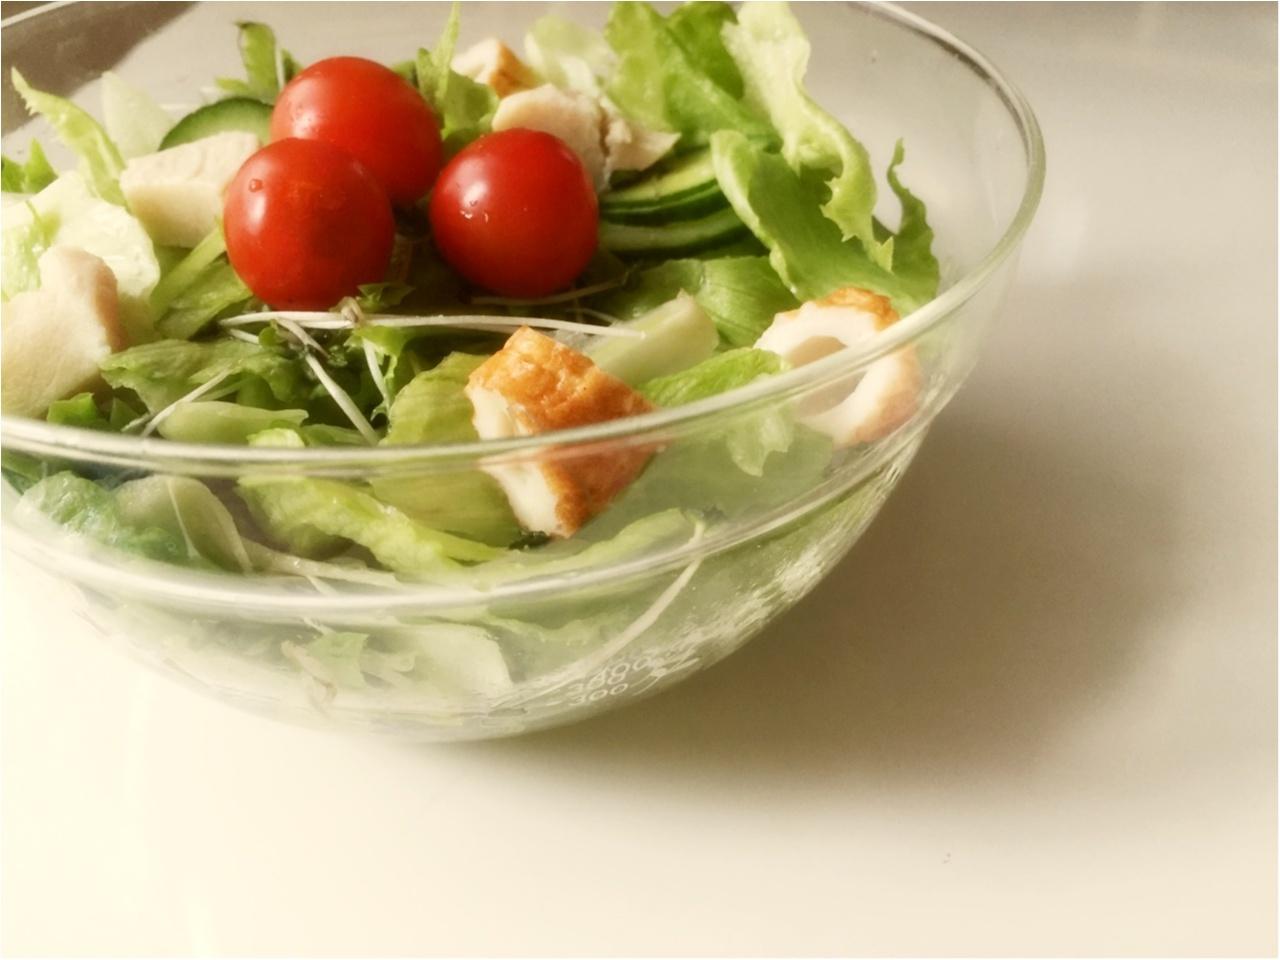 お野菜たっぷり!毎日サラダランチ♡*_5